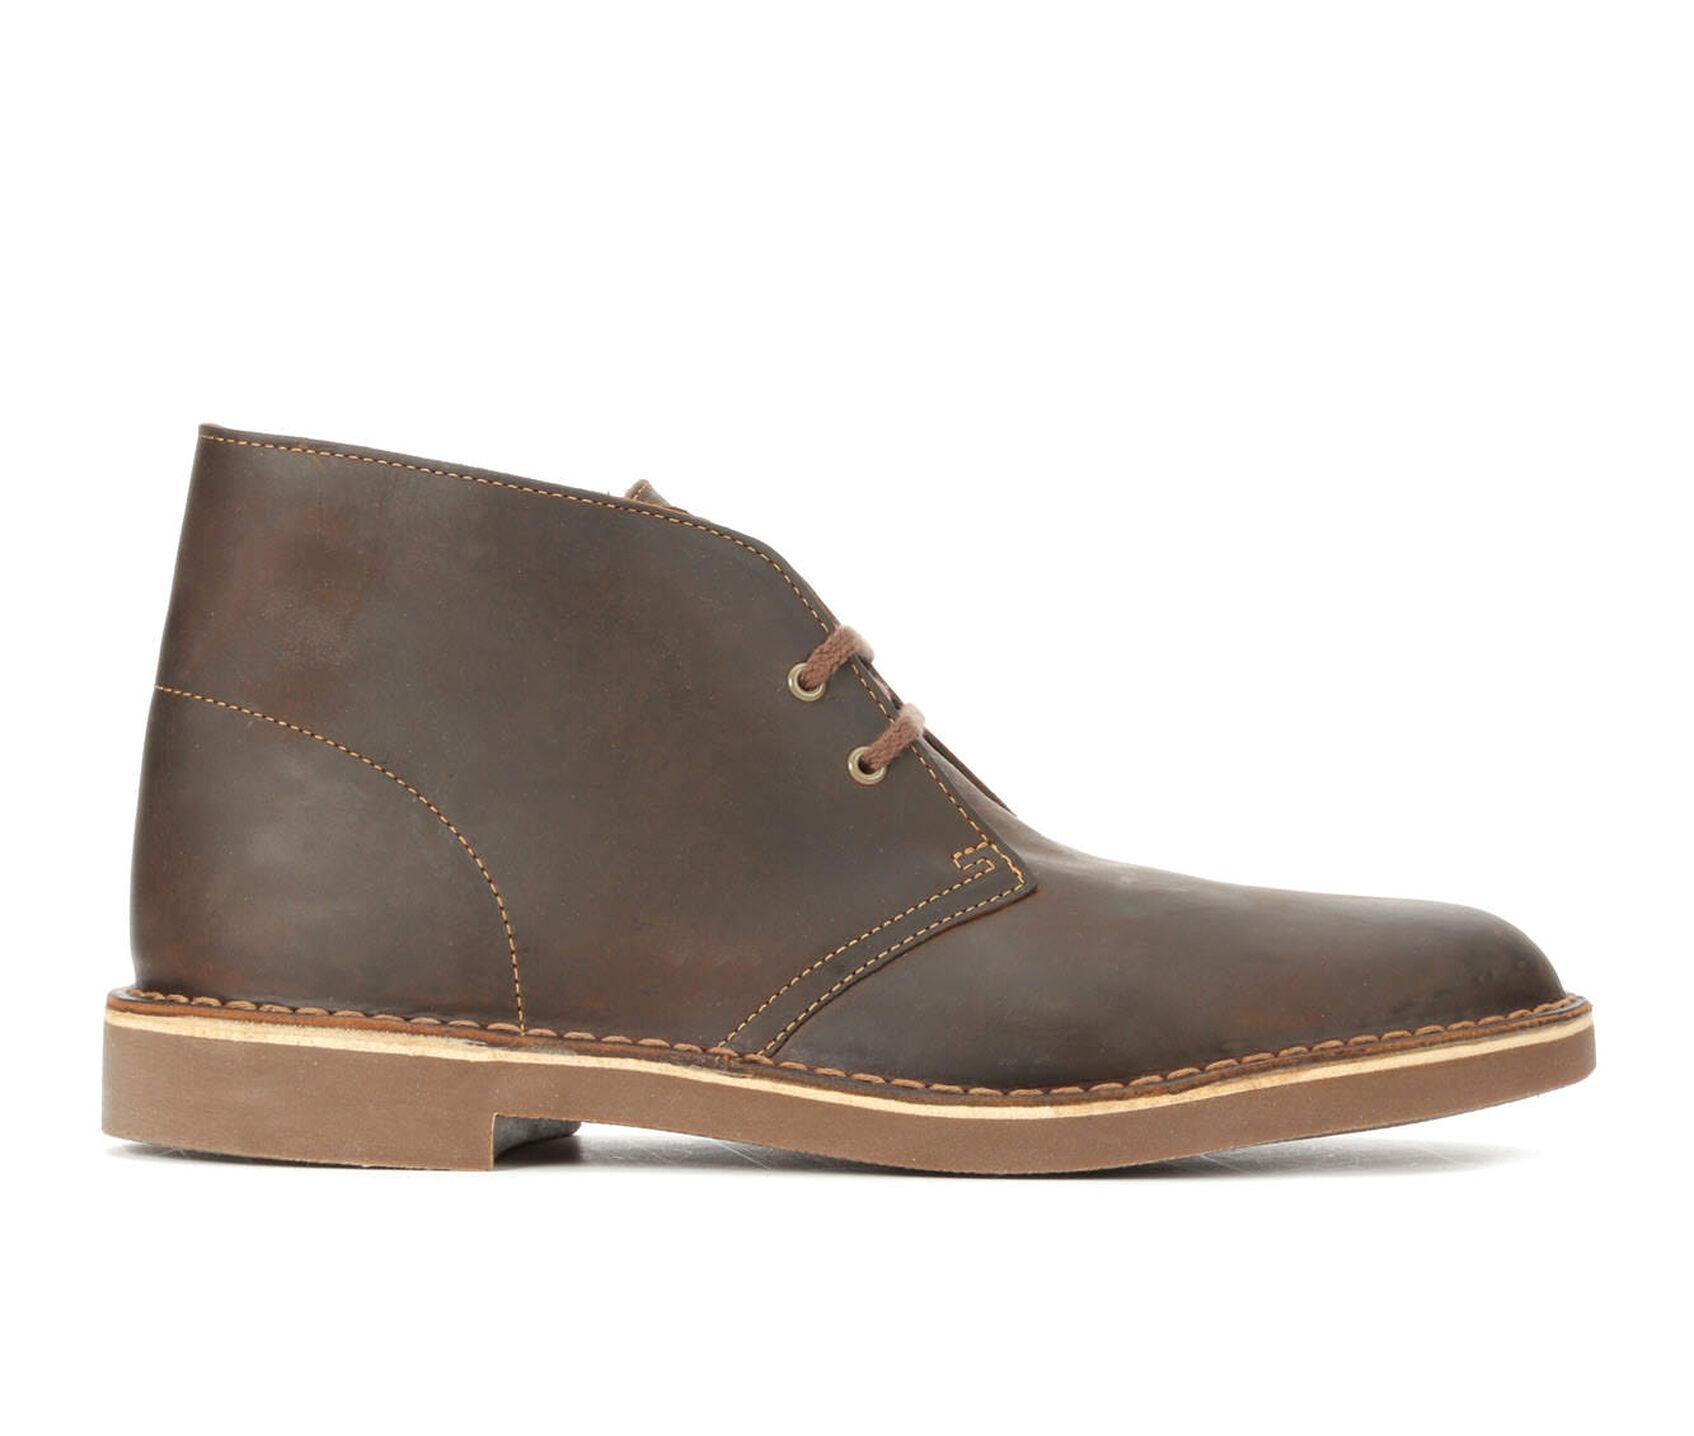 9abb60ff Men's Clarks Bushacre 2 Dress Shoes